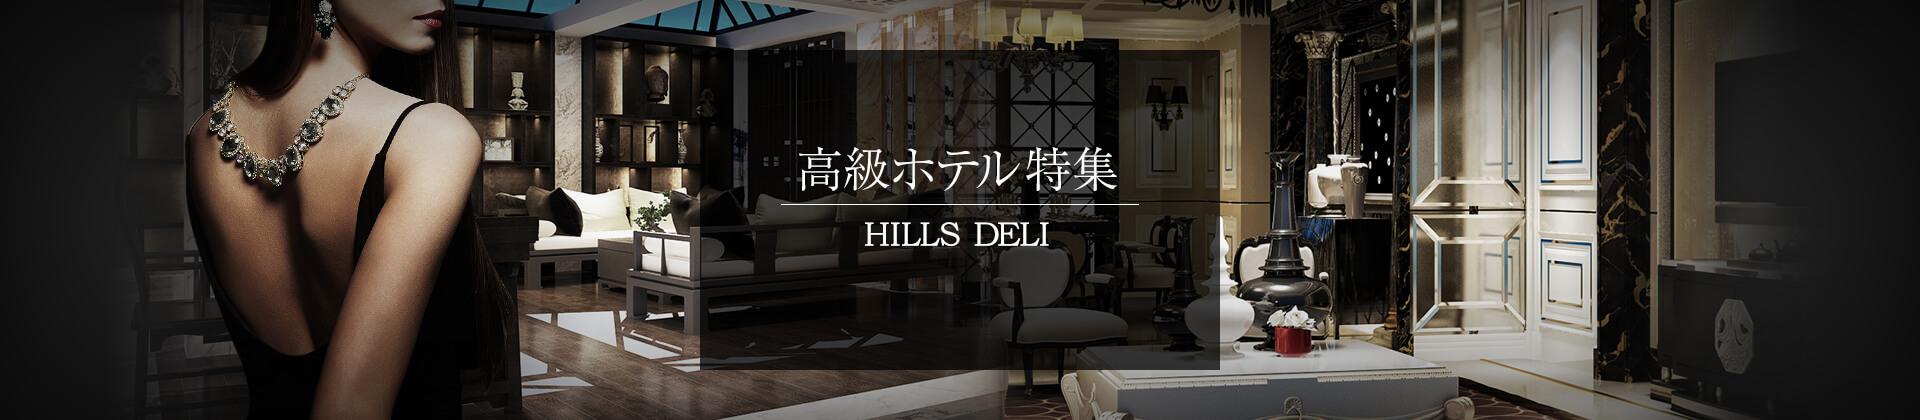 高級ホテル特集